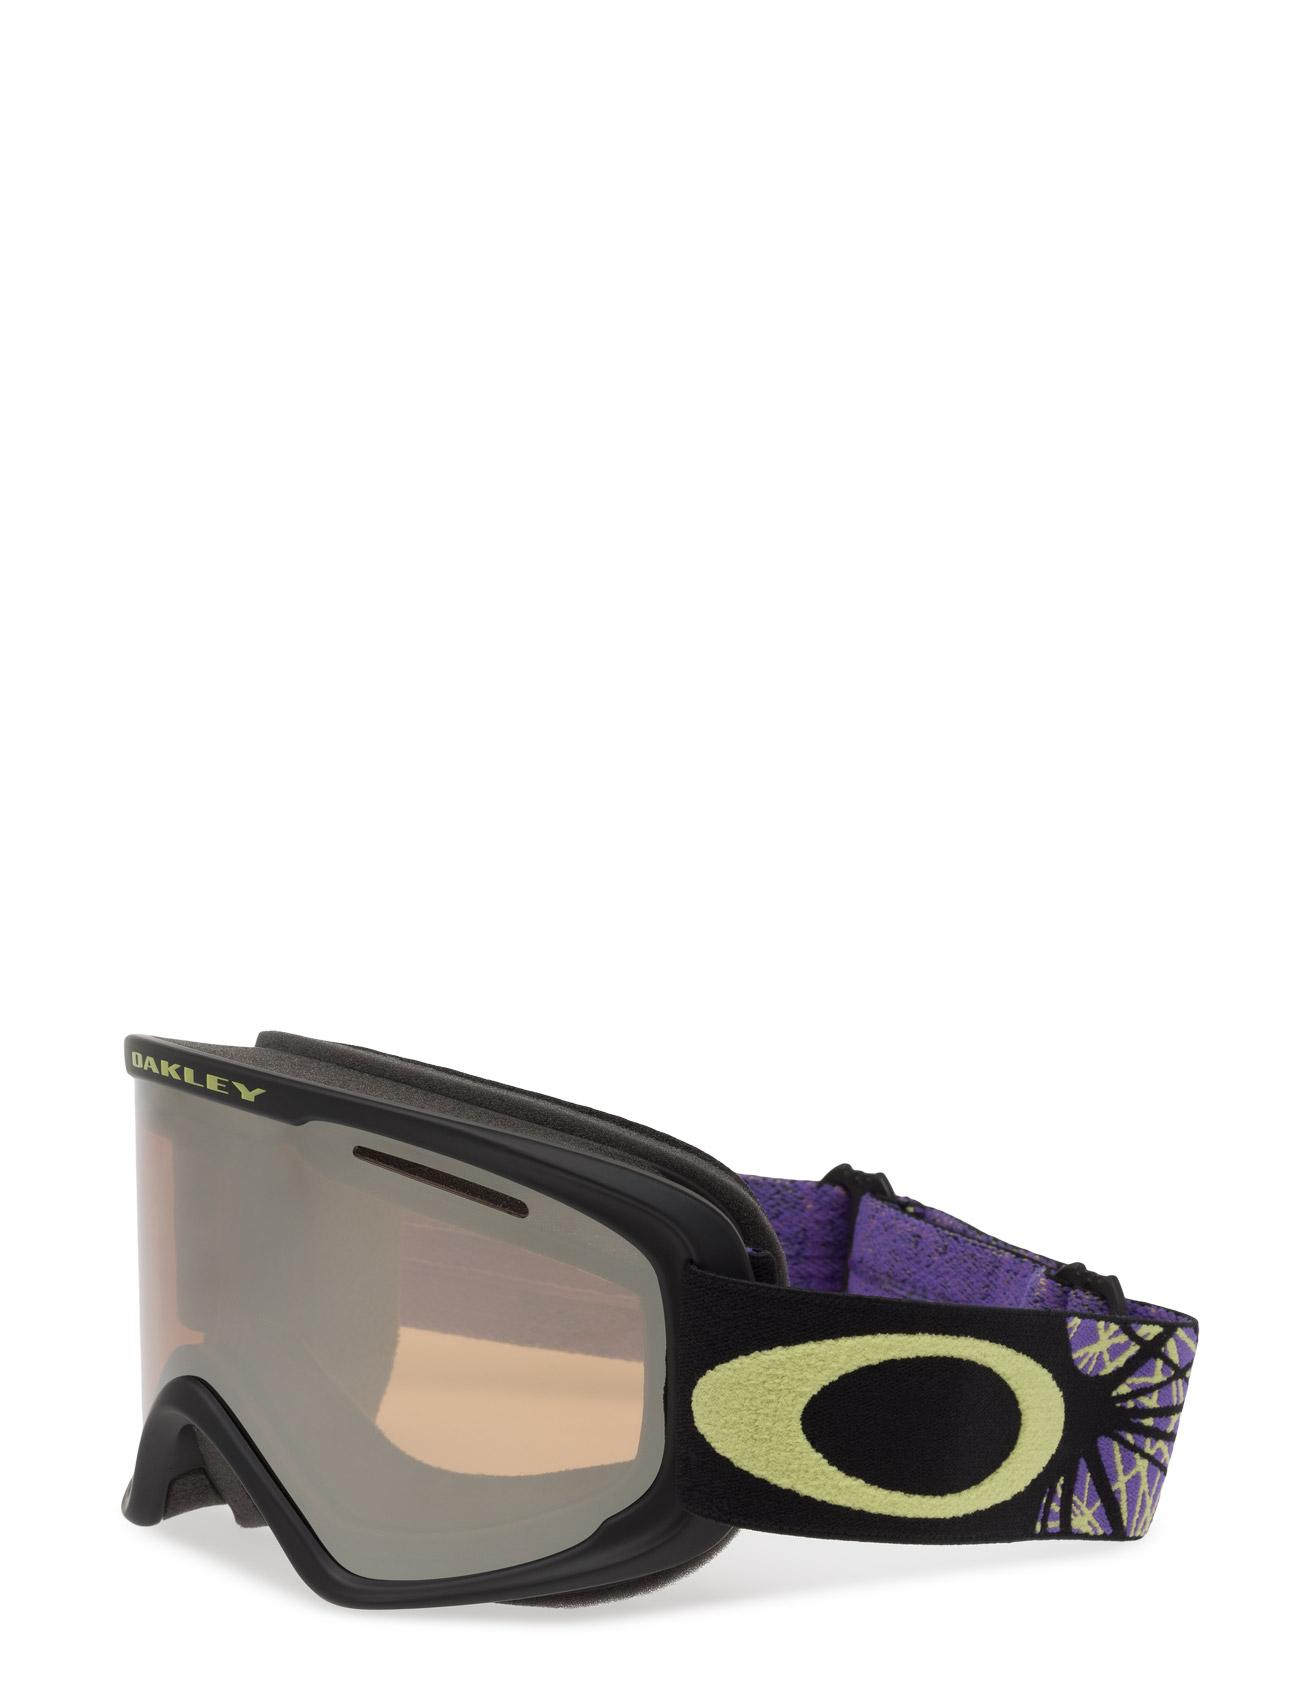 O2 Xm OAKLEY Sports accessories til Herrer i